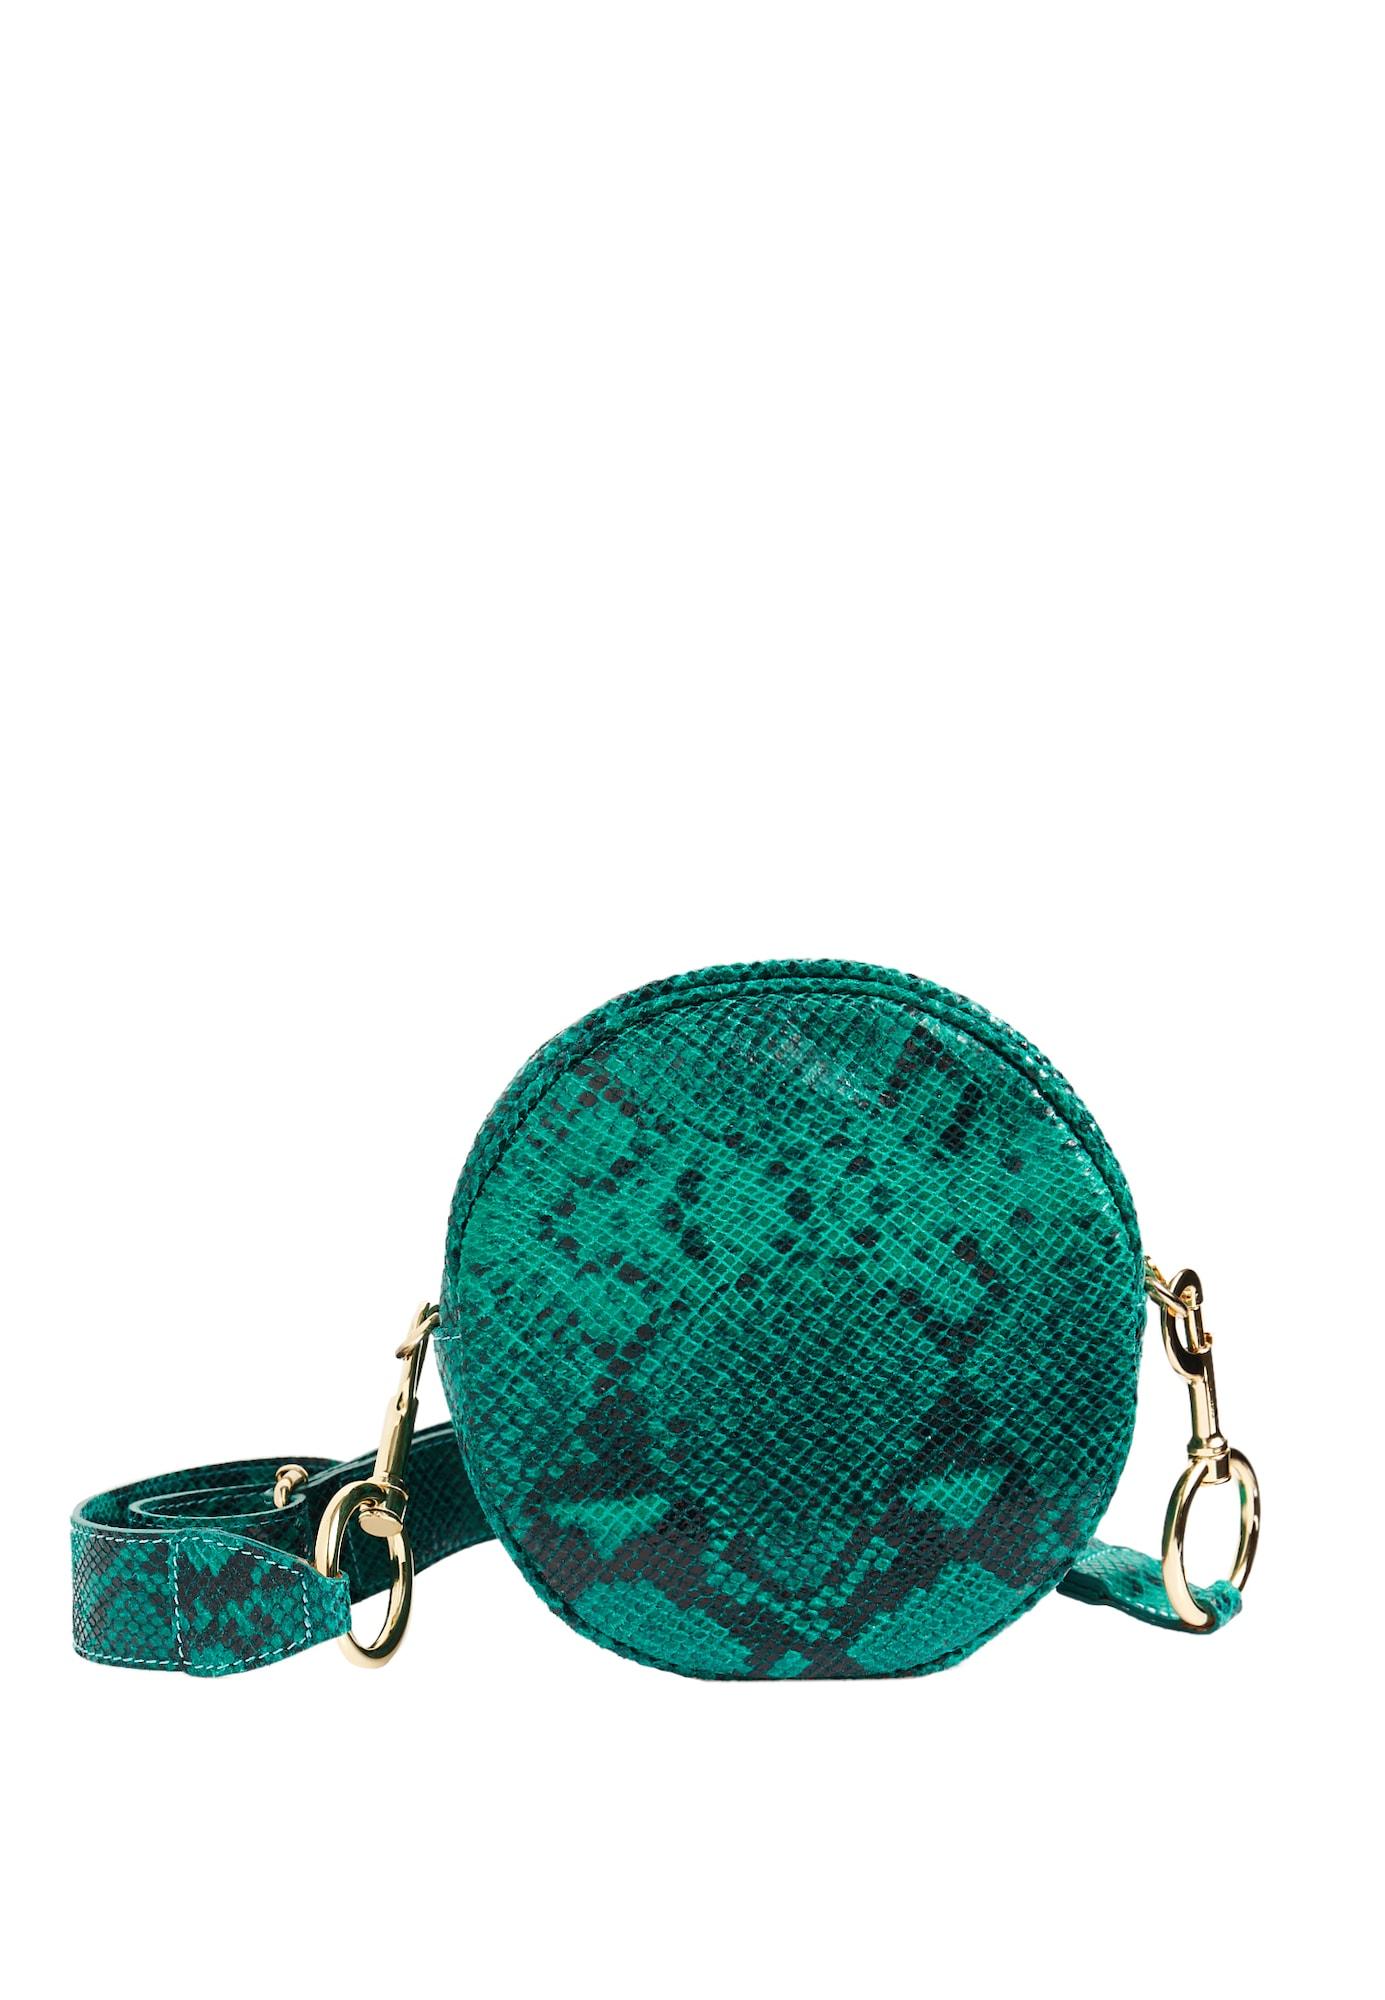 Handtasche | Taschen > Handtaschen > Sonstige Handtaschen | MYMO